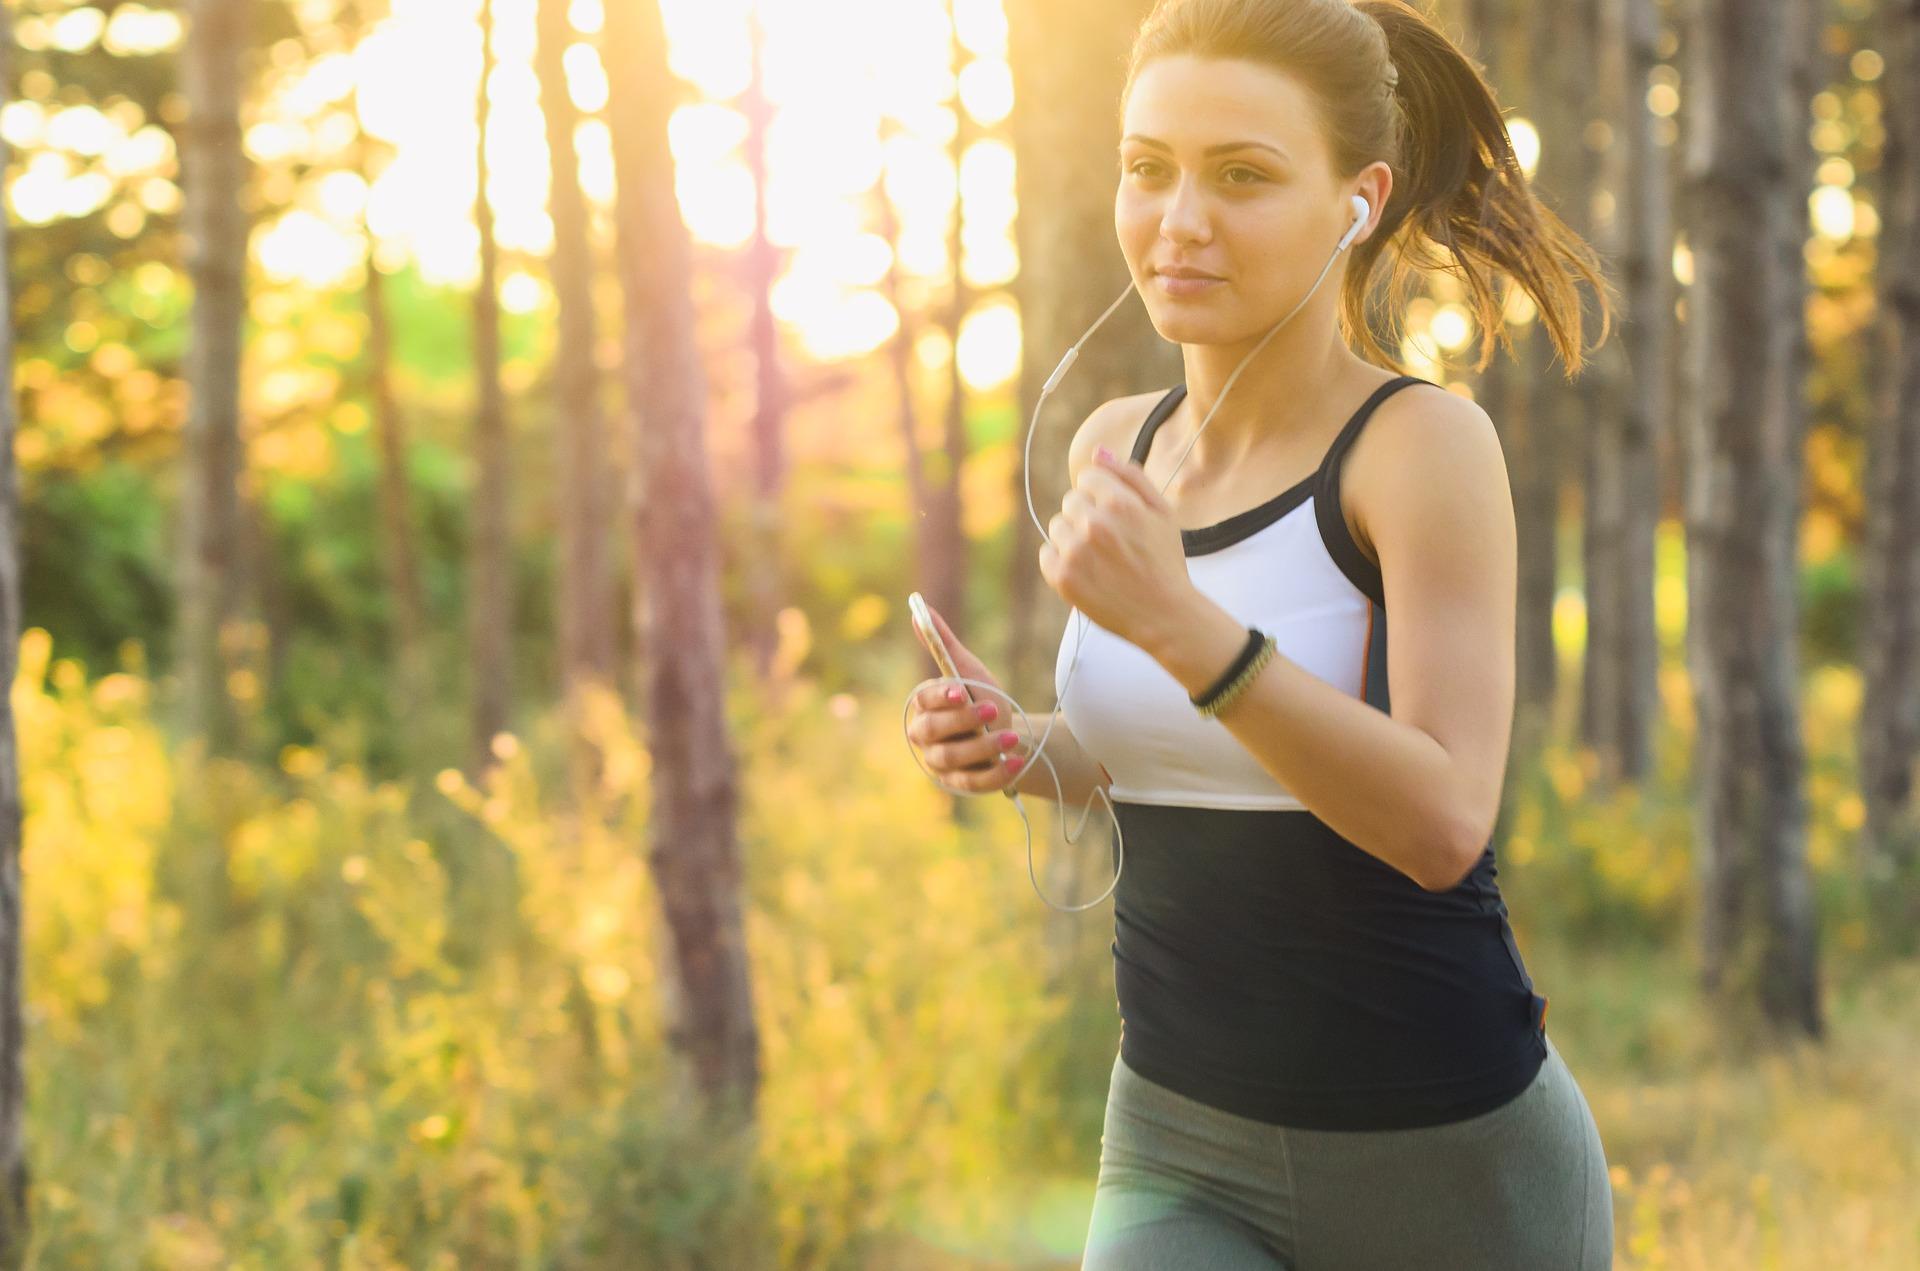 A világ legnépszerűbb és egyik legegészségesebb tevékenysége! ... Mi már futunk! - Te mikor kezded?